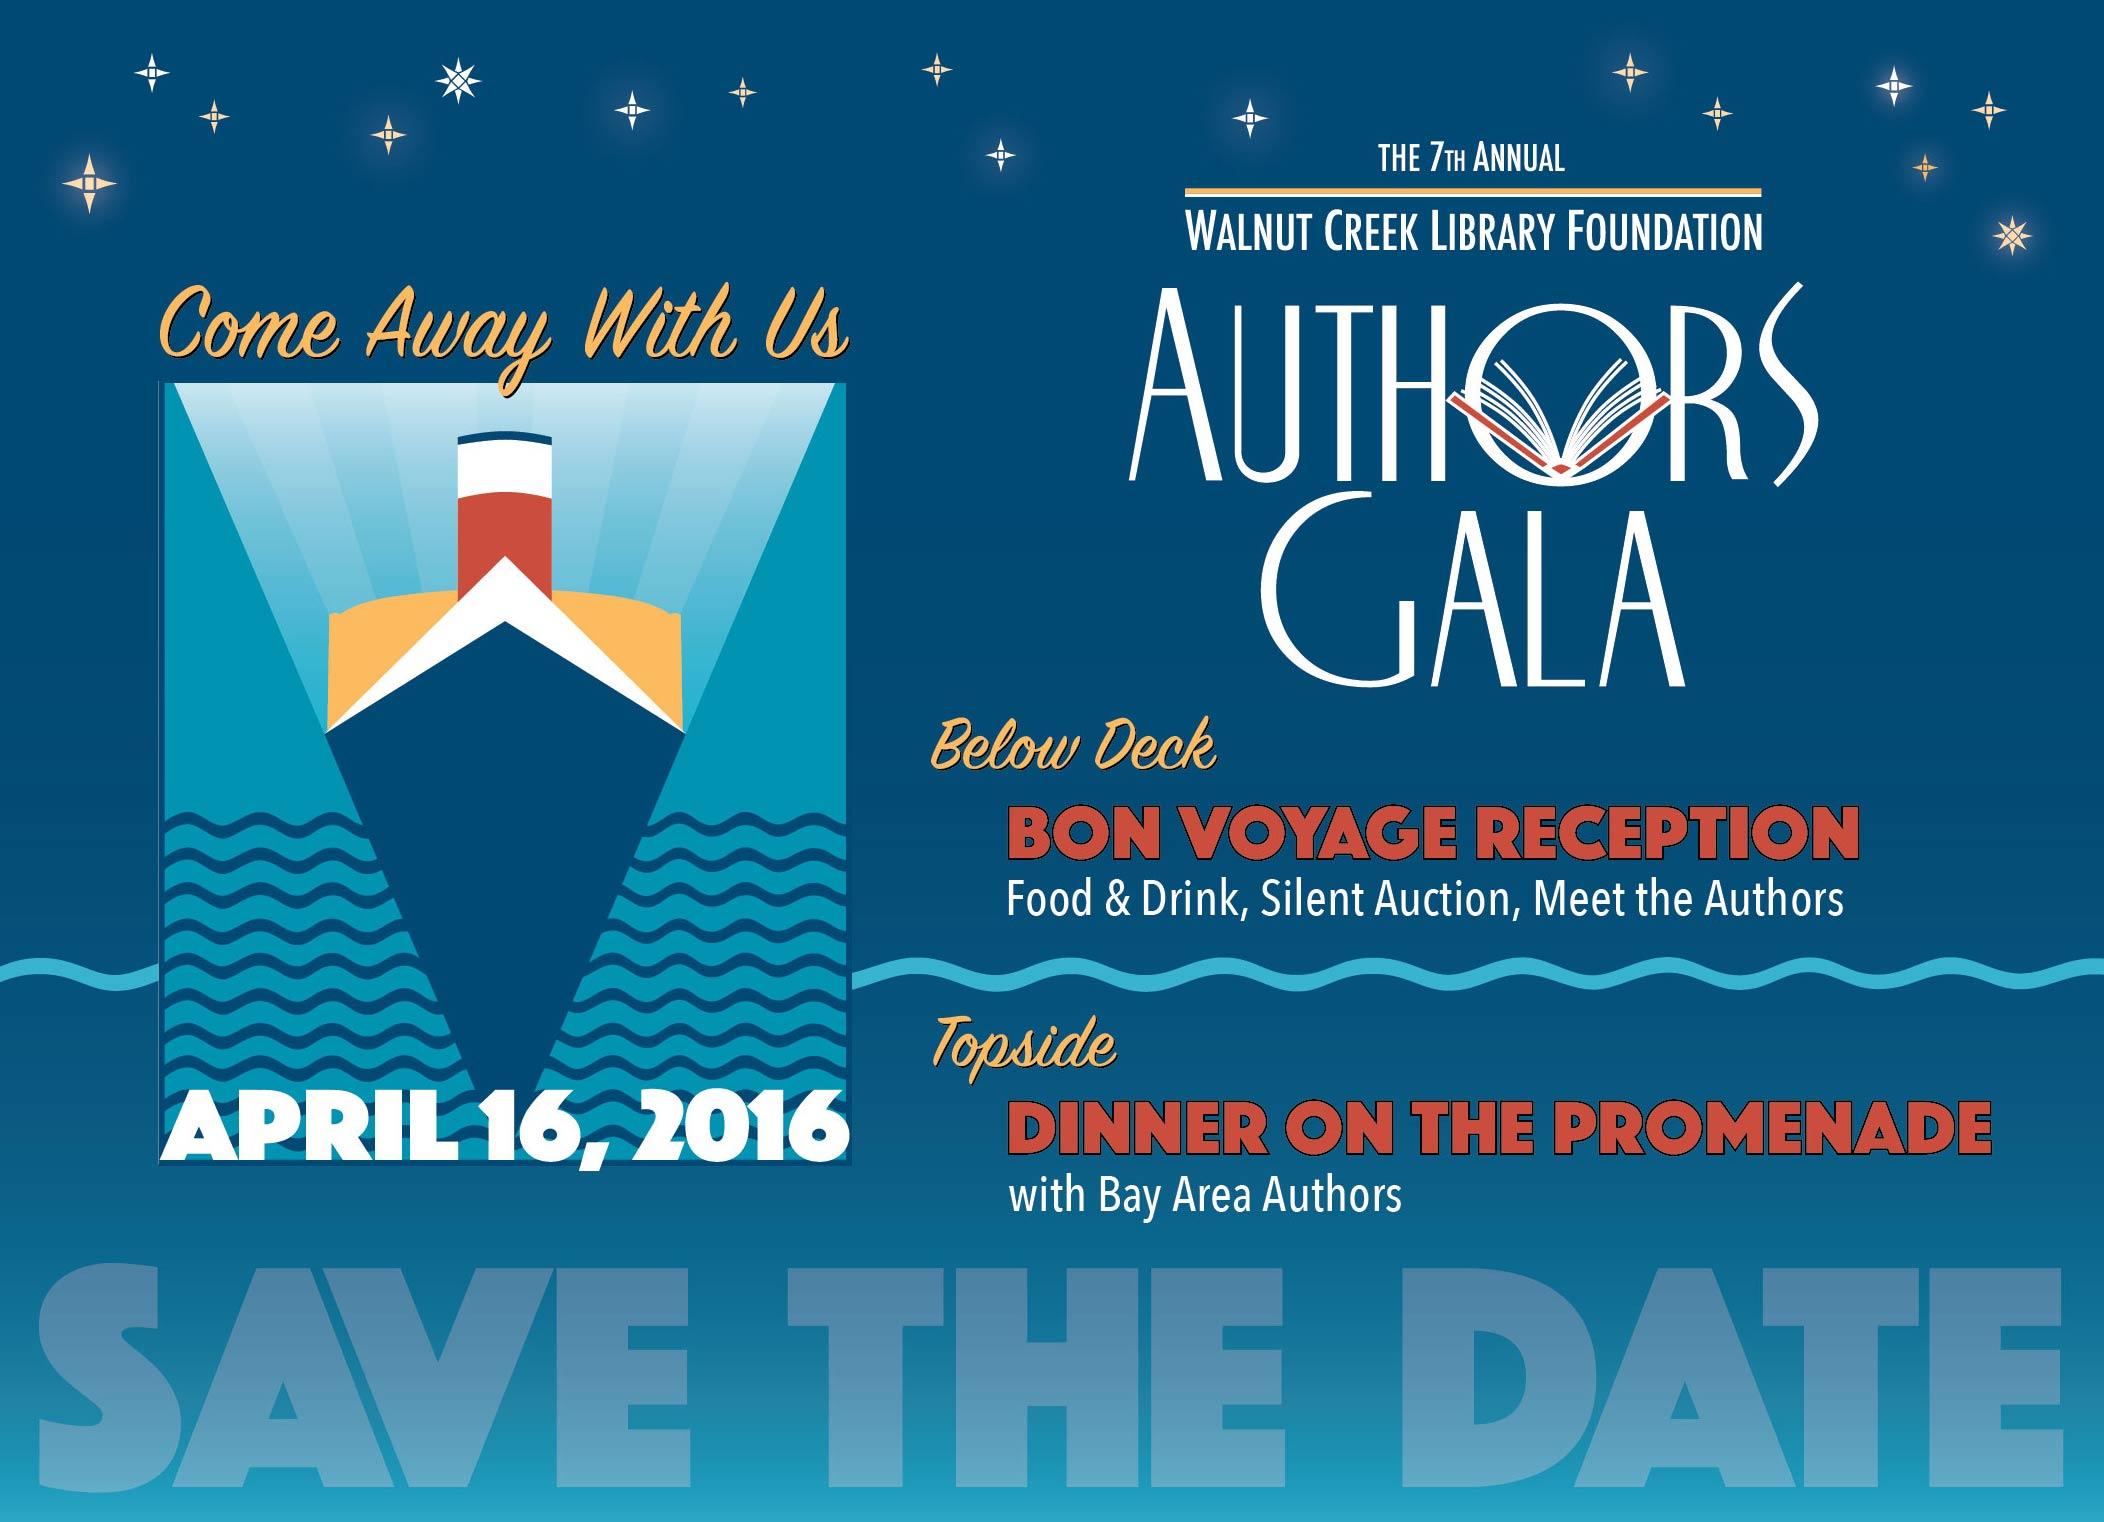 Authors Gala